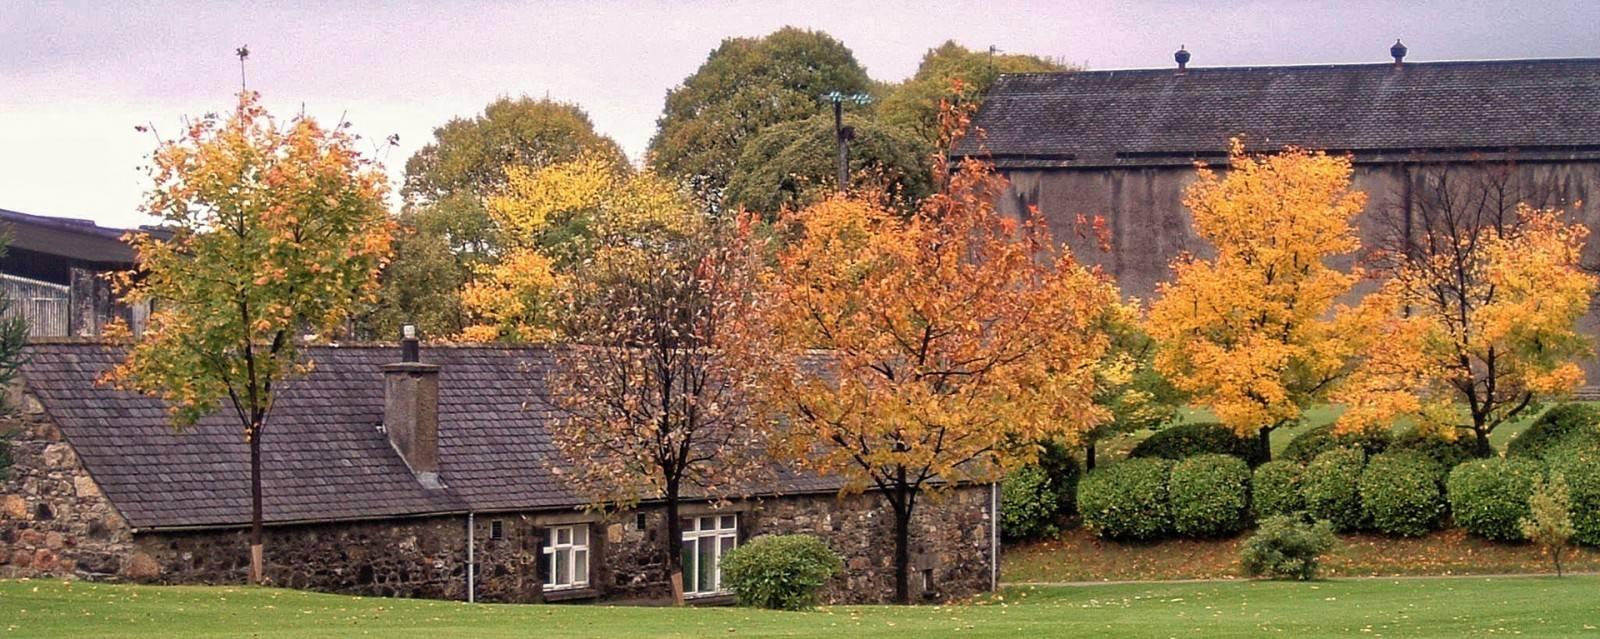 Macallan Park